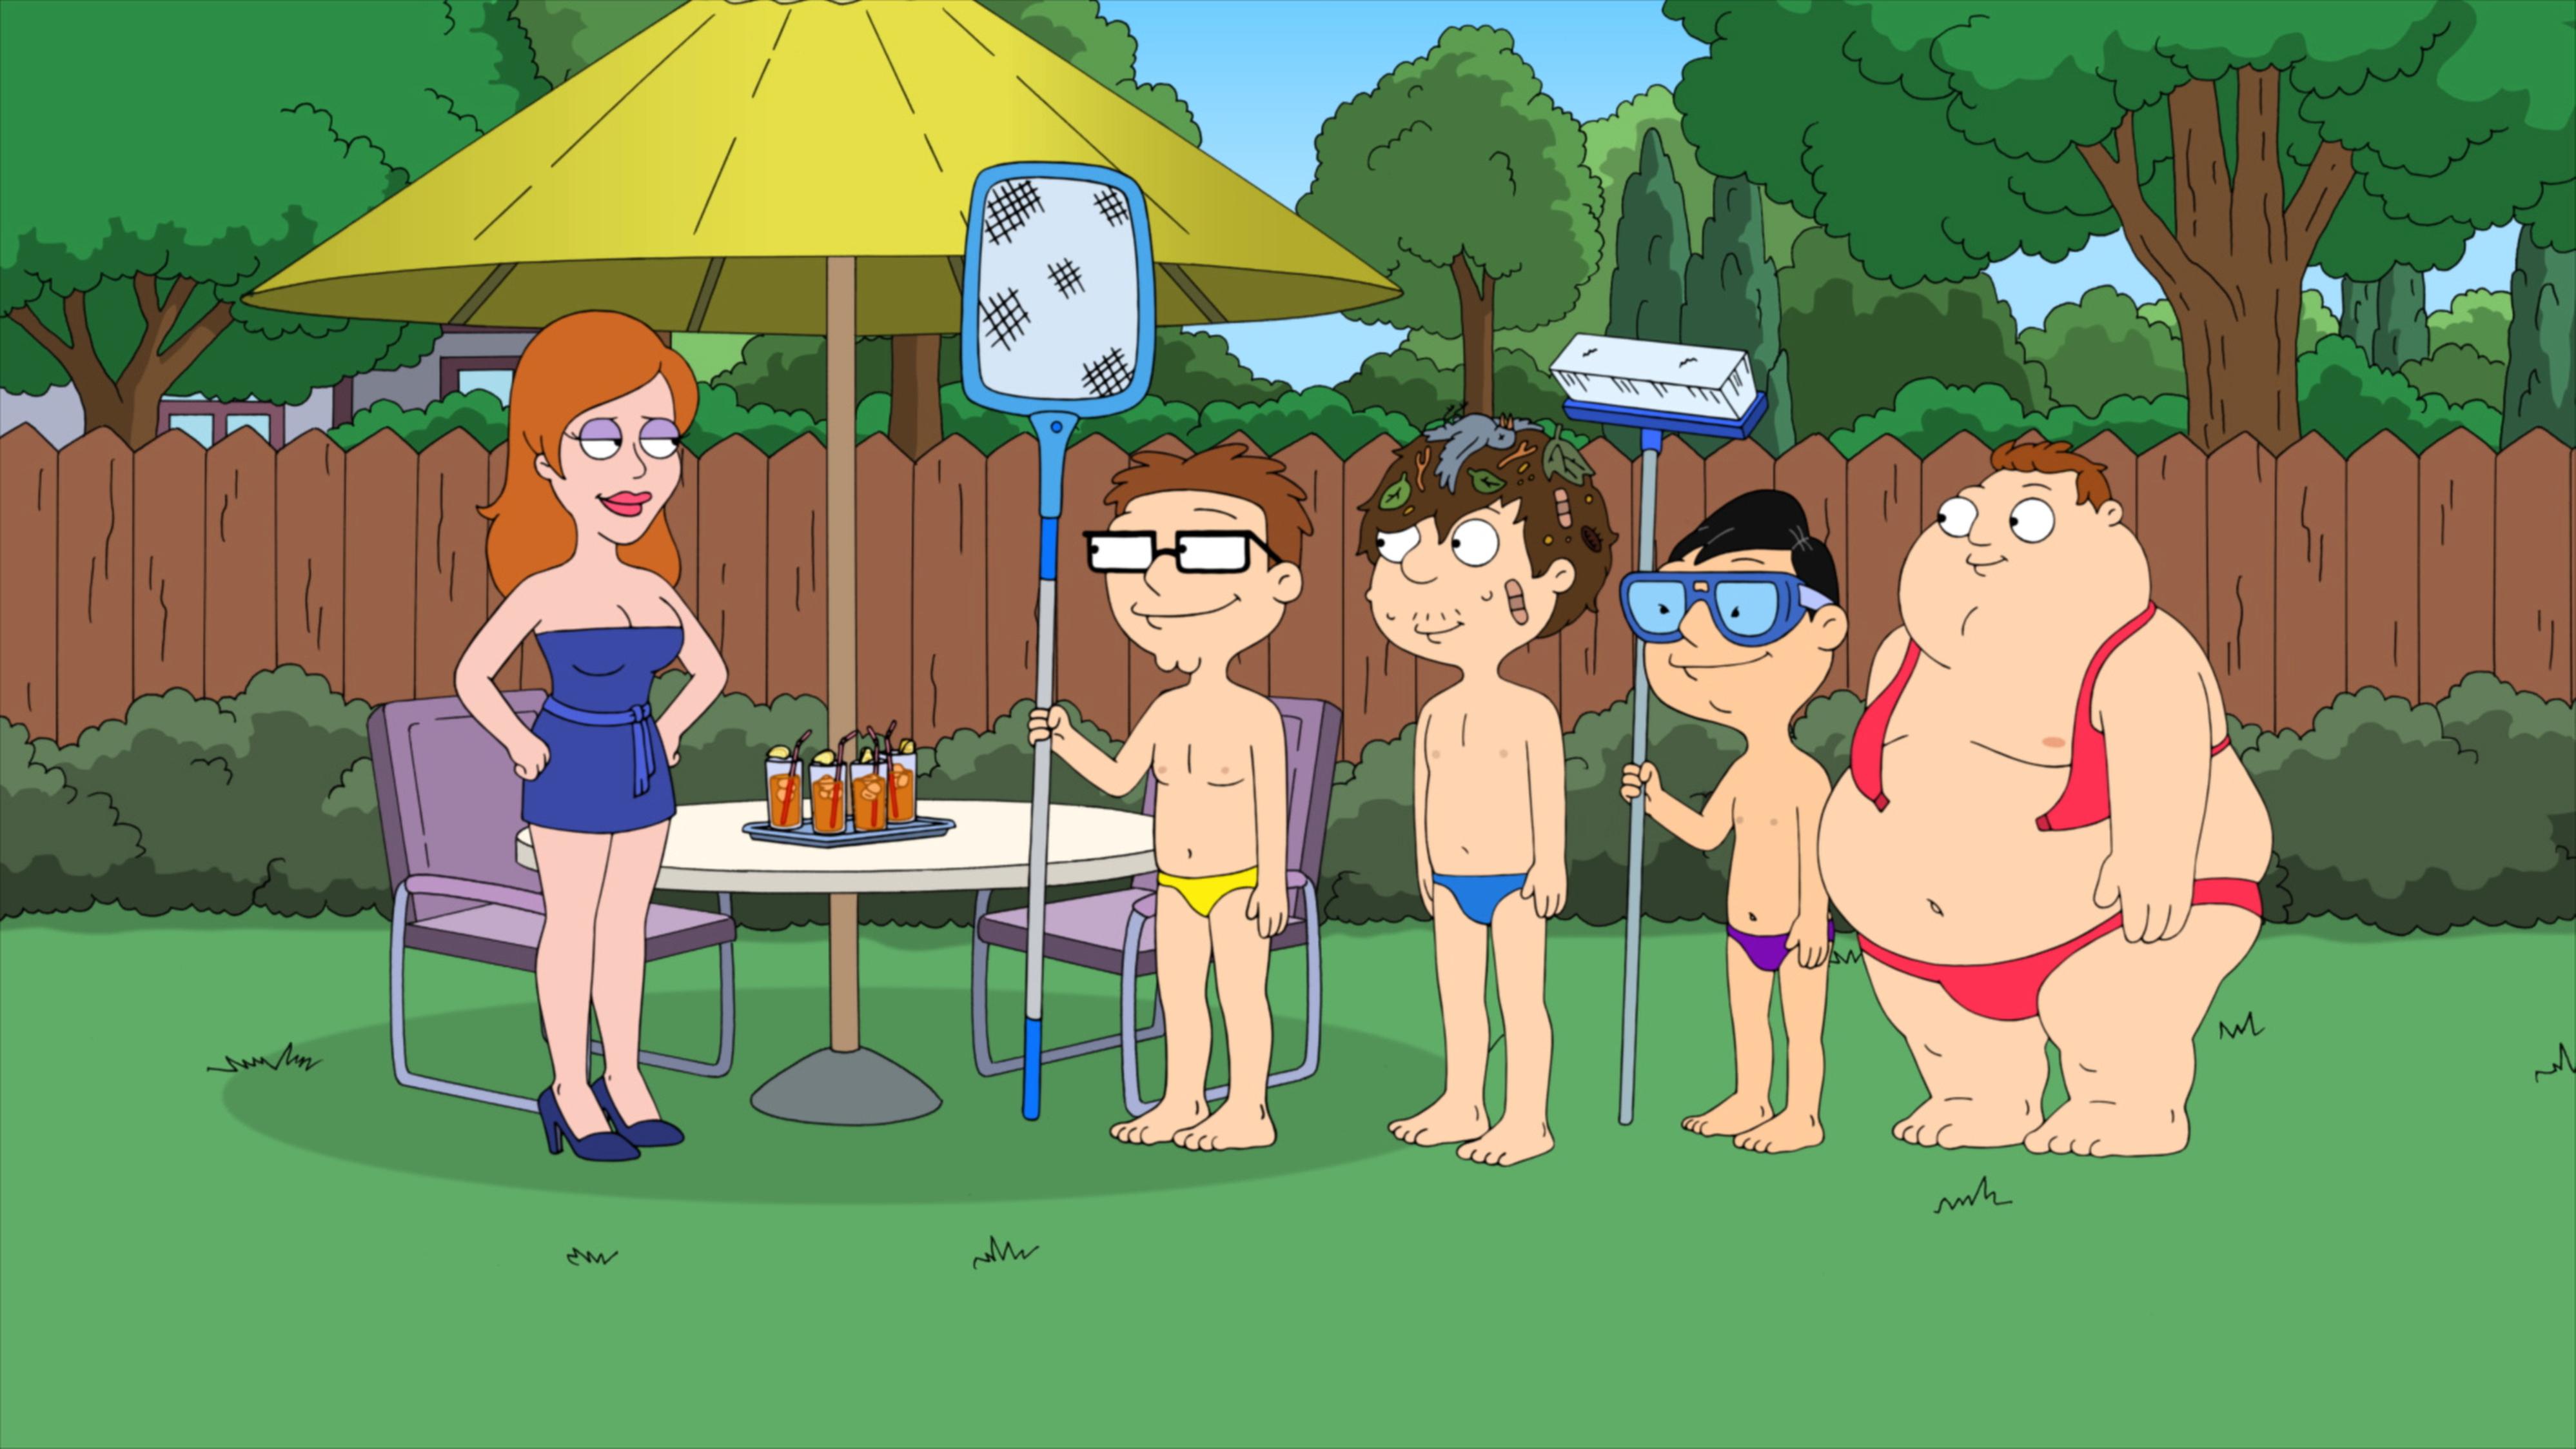 Aviva from wild kratts naked